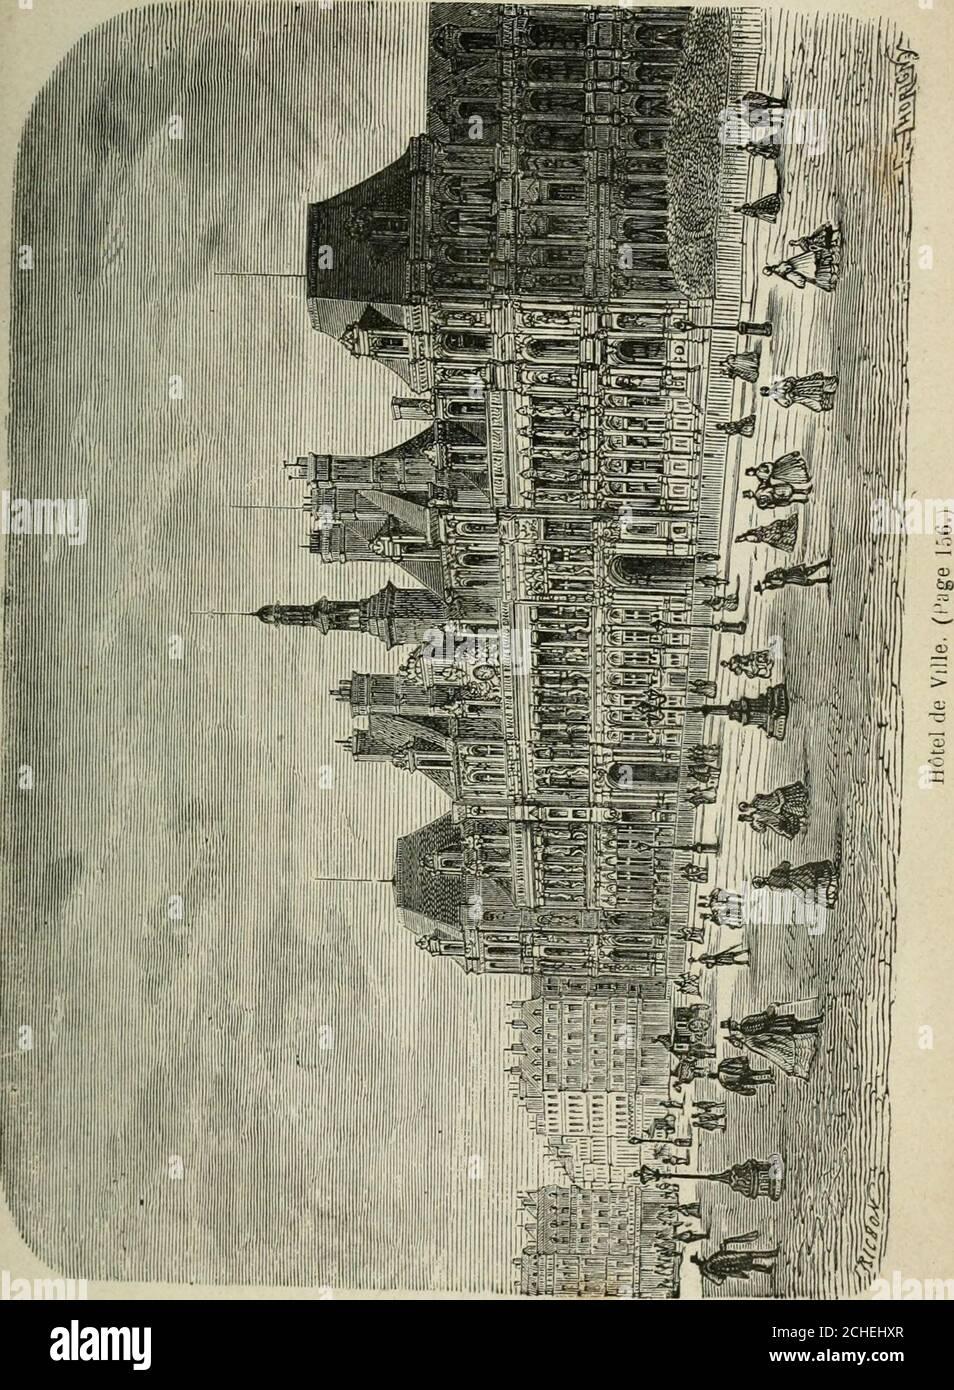 . Les merveilles du nouveau Paris-- . end sur le quai Conti une façade de centvingt mètres; elle renferme dans une vaste salle, supportéepar des colonnes corinthiennes, une intéressante collectionde monnaies et de médailles. Cet hôtel a été construit à Paris, sur lemplacement delhôtel de Conti, en 1771. Cest là que lon frappe les mon-naies et les médailles. Dès les premiers temps de la monar-chie, les rois frappaient la monnaie. Ainsi, en 864, nousvoyons, par un capitulaire de Charles le Chauve, que la fa-brication de la monnaie avait lieu dans le palais même duroi. Cet établissement, transpor Stock Photo